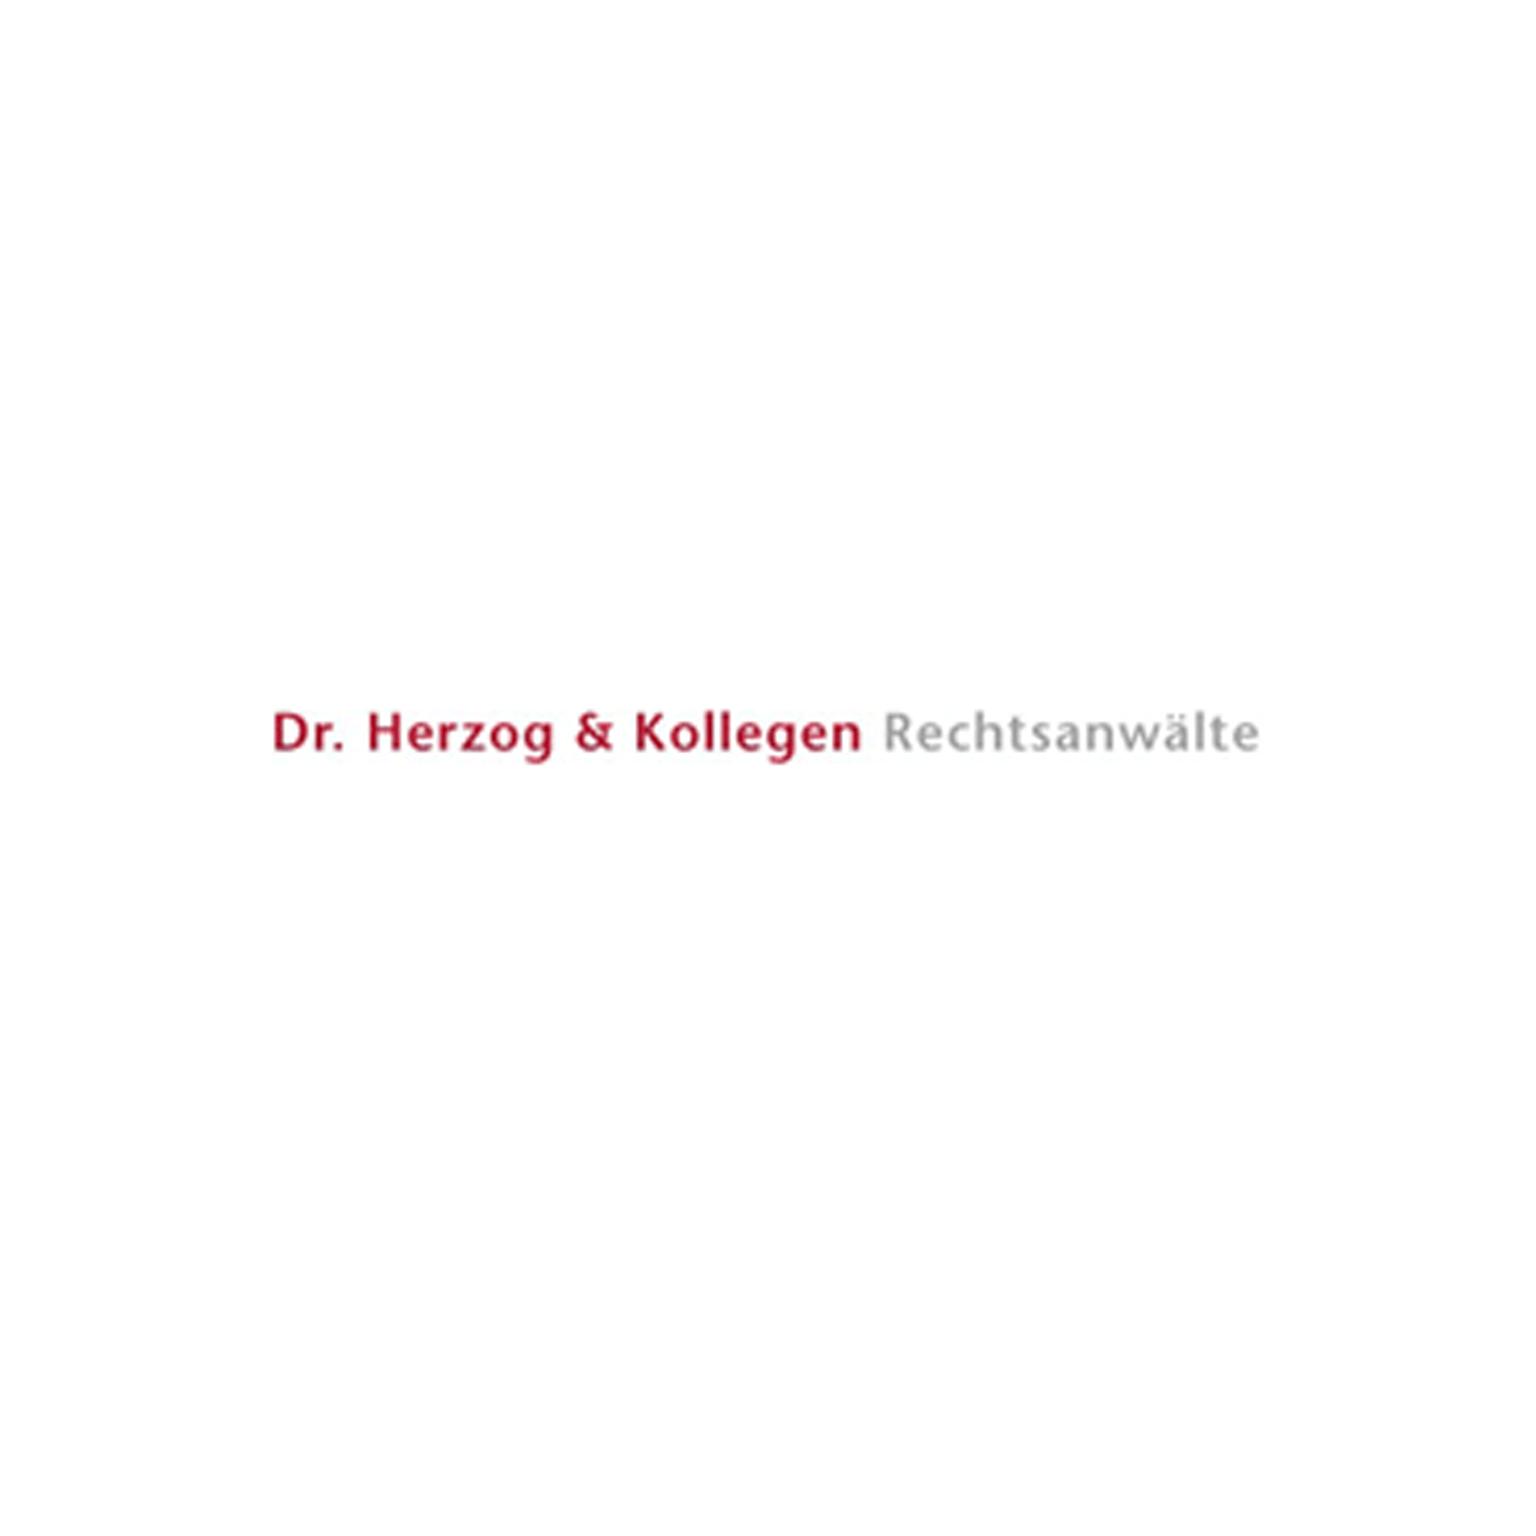 DictNow Referenz Kanzlei Dr. Herzog & Kollegen